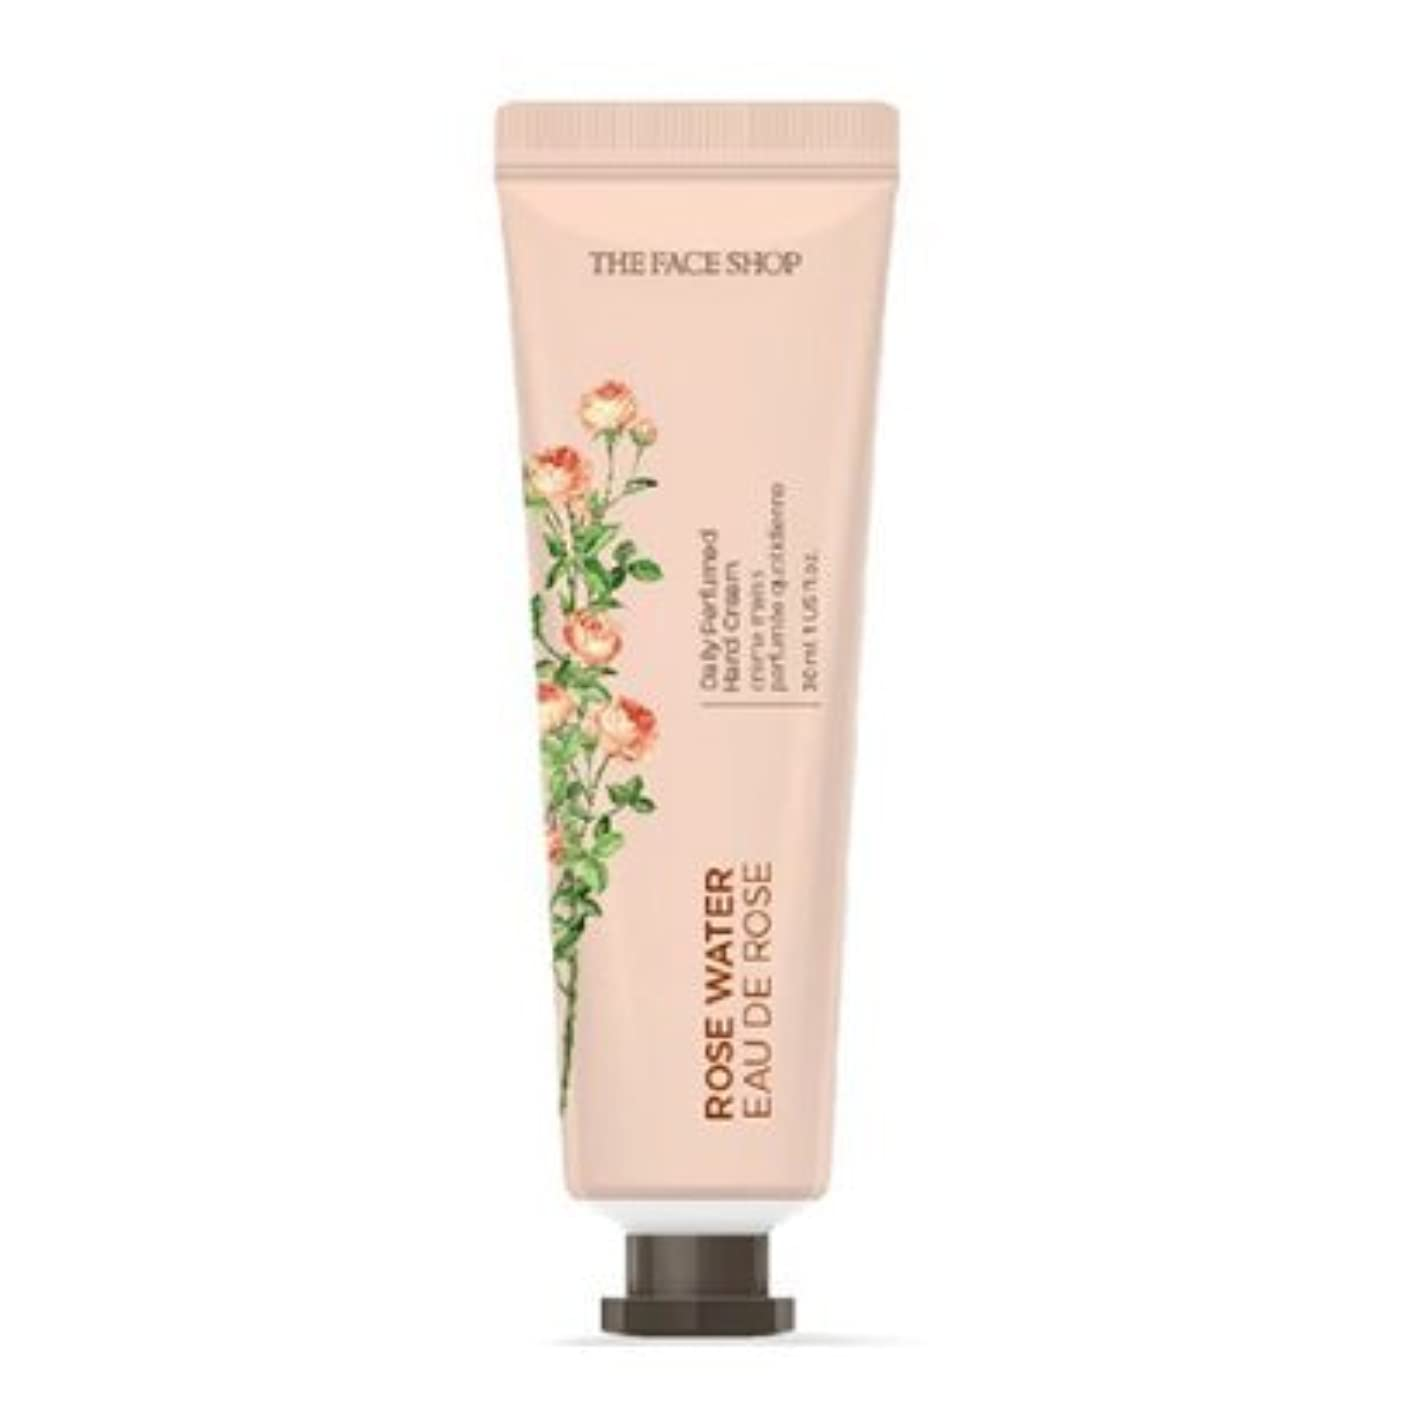 ご飯スキャン革命的[1+1] THE FACE SHOP Daily Perfume Hand Cream [01.Rose Water] ザフェイスショップ デイリーパフュームハンドクリーム [01.ローズウォーター] [new] [並行輸入品]